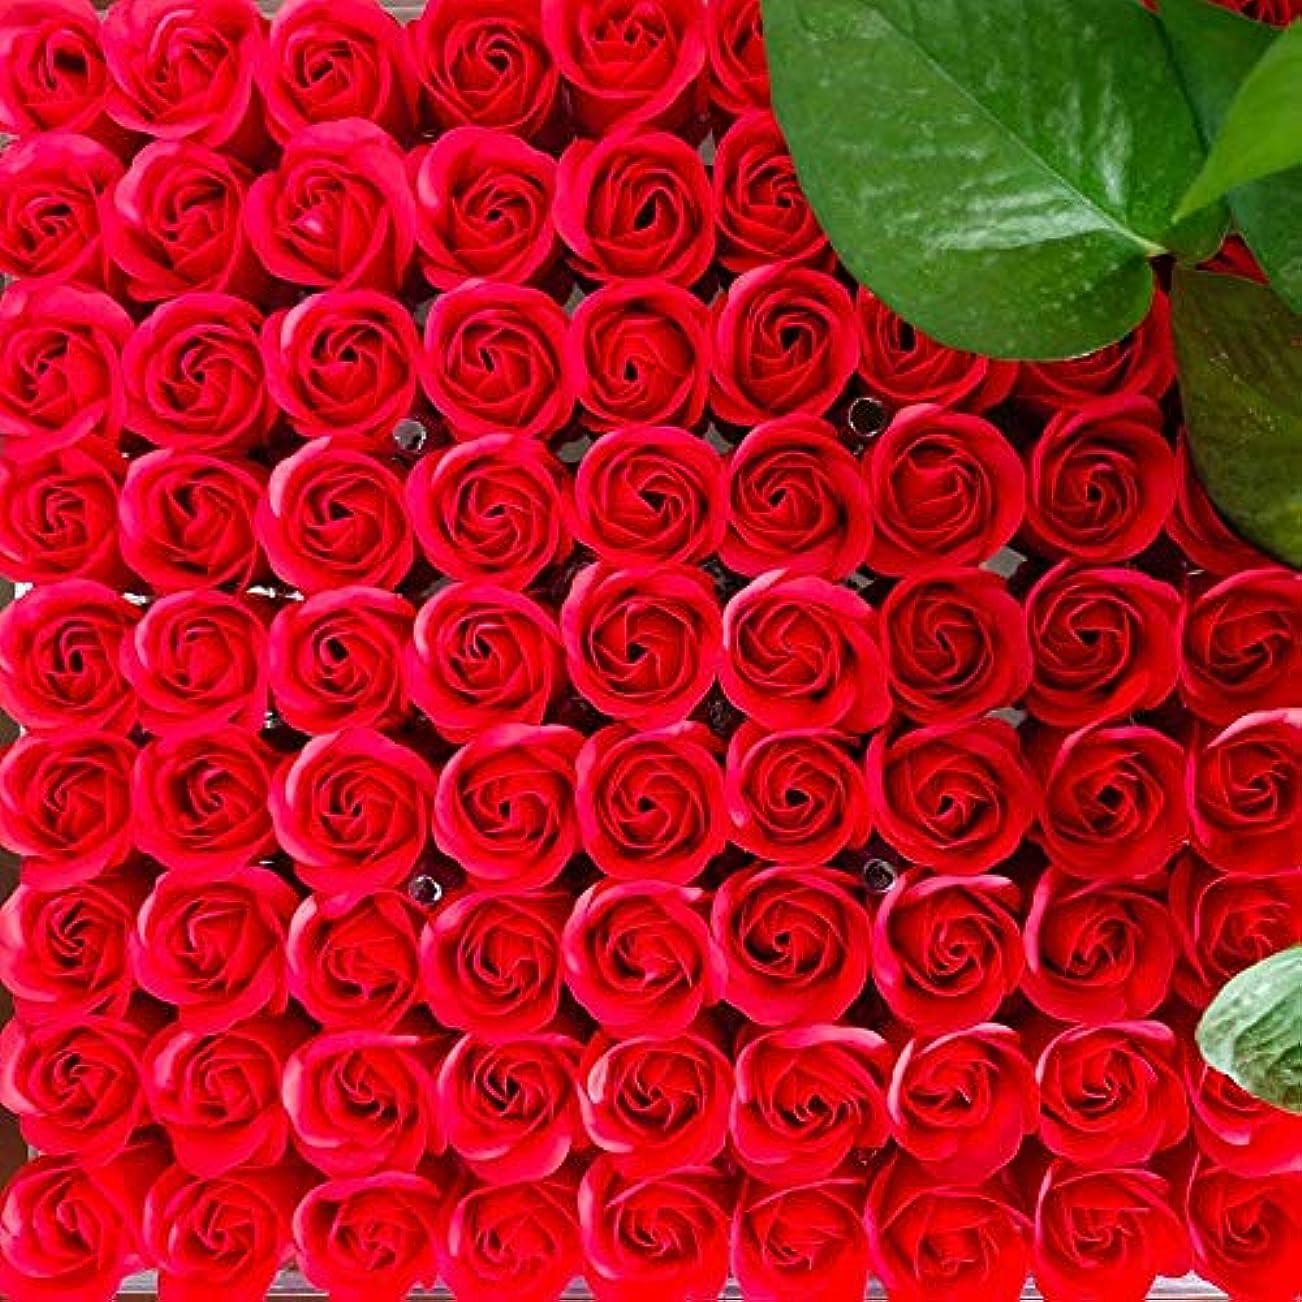 事件、出来事消すビルマ81PCS DIY ボディソープ バラ ローズ 洗濯用 フラワーソープ 良い香り 三層 贈り物 結婚披露宴 バレンタインデーギフト 石鹸の花+ボックス